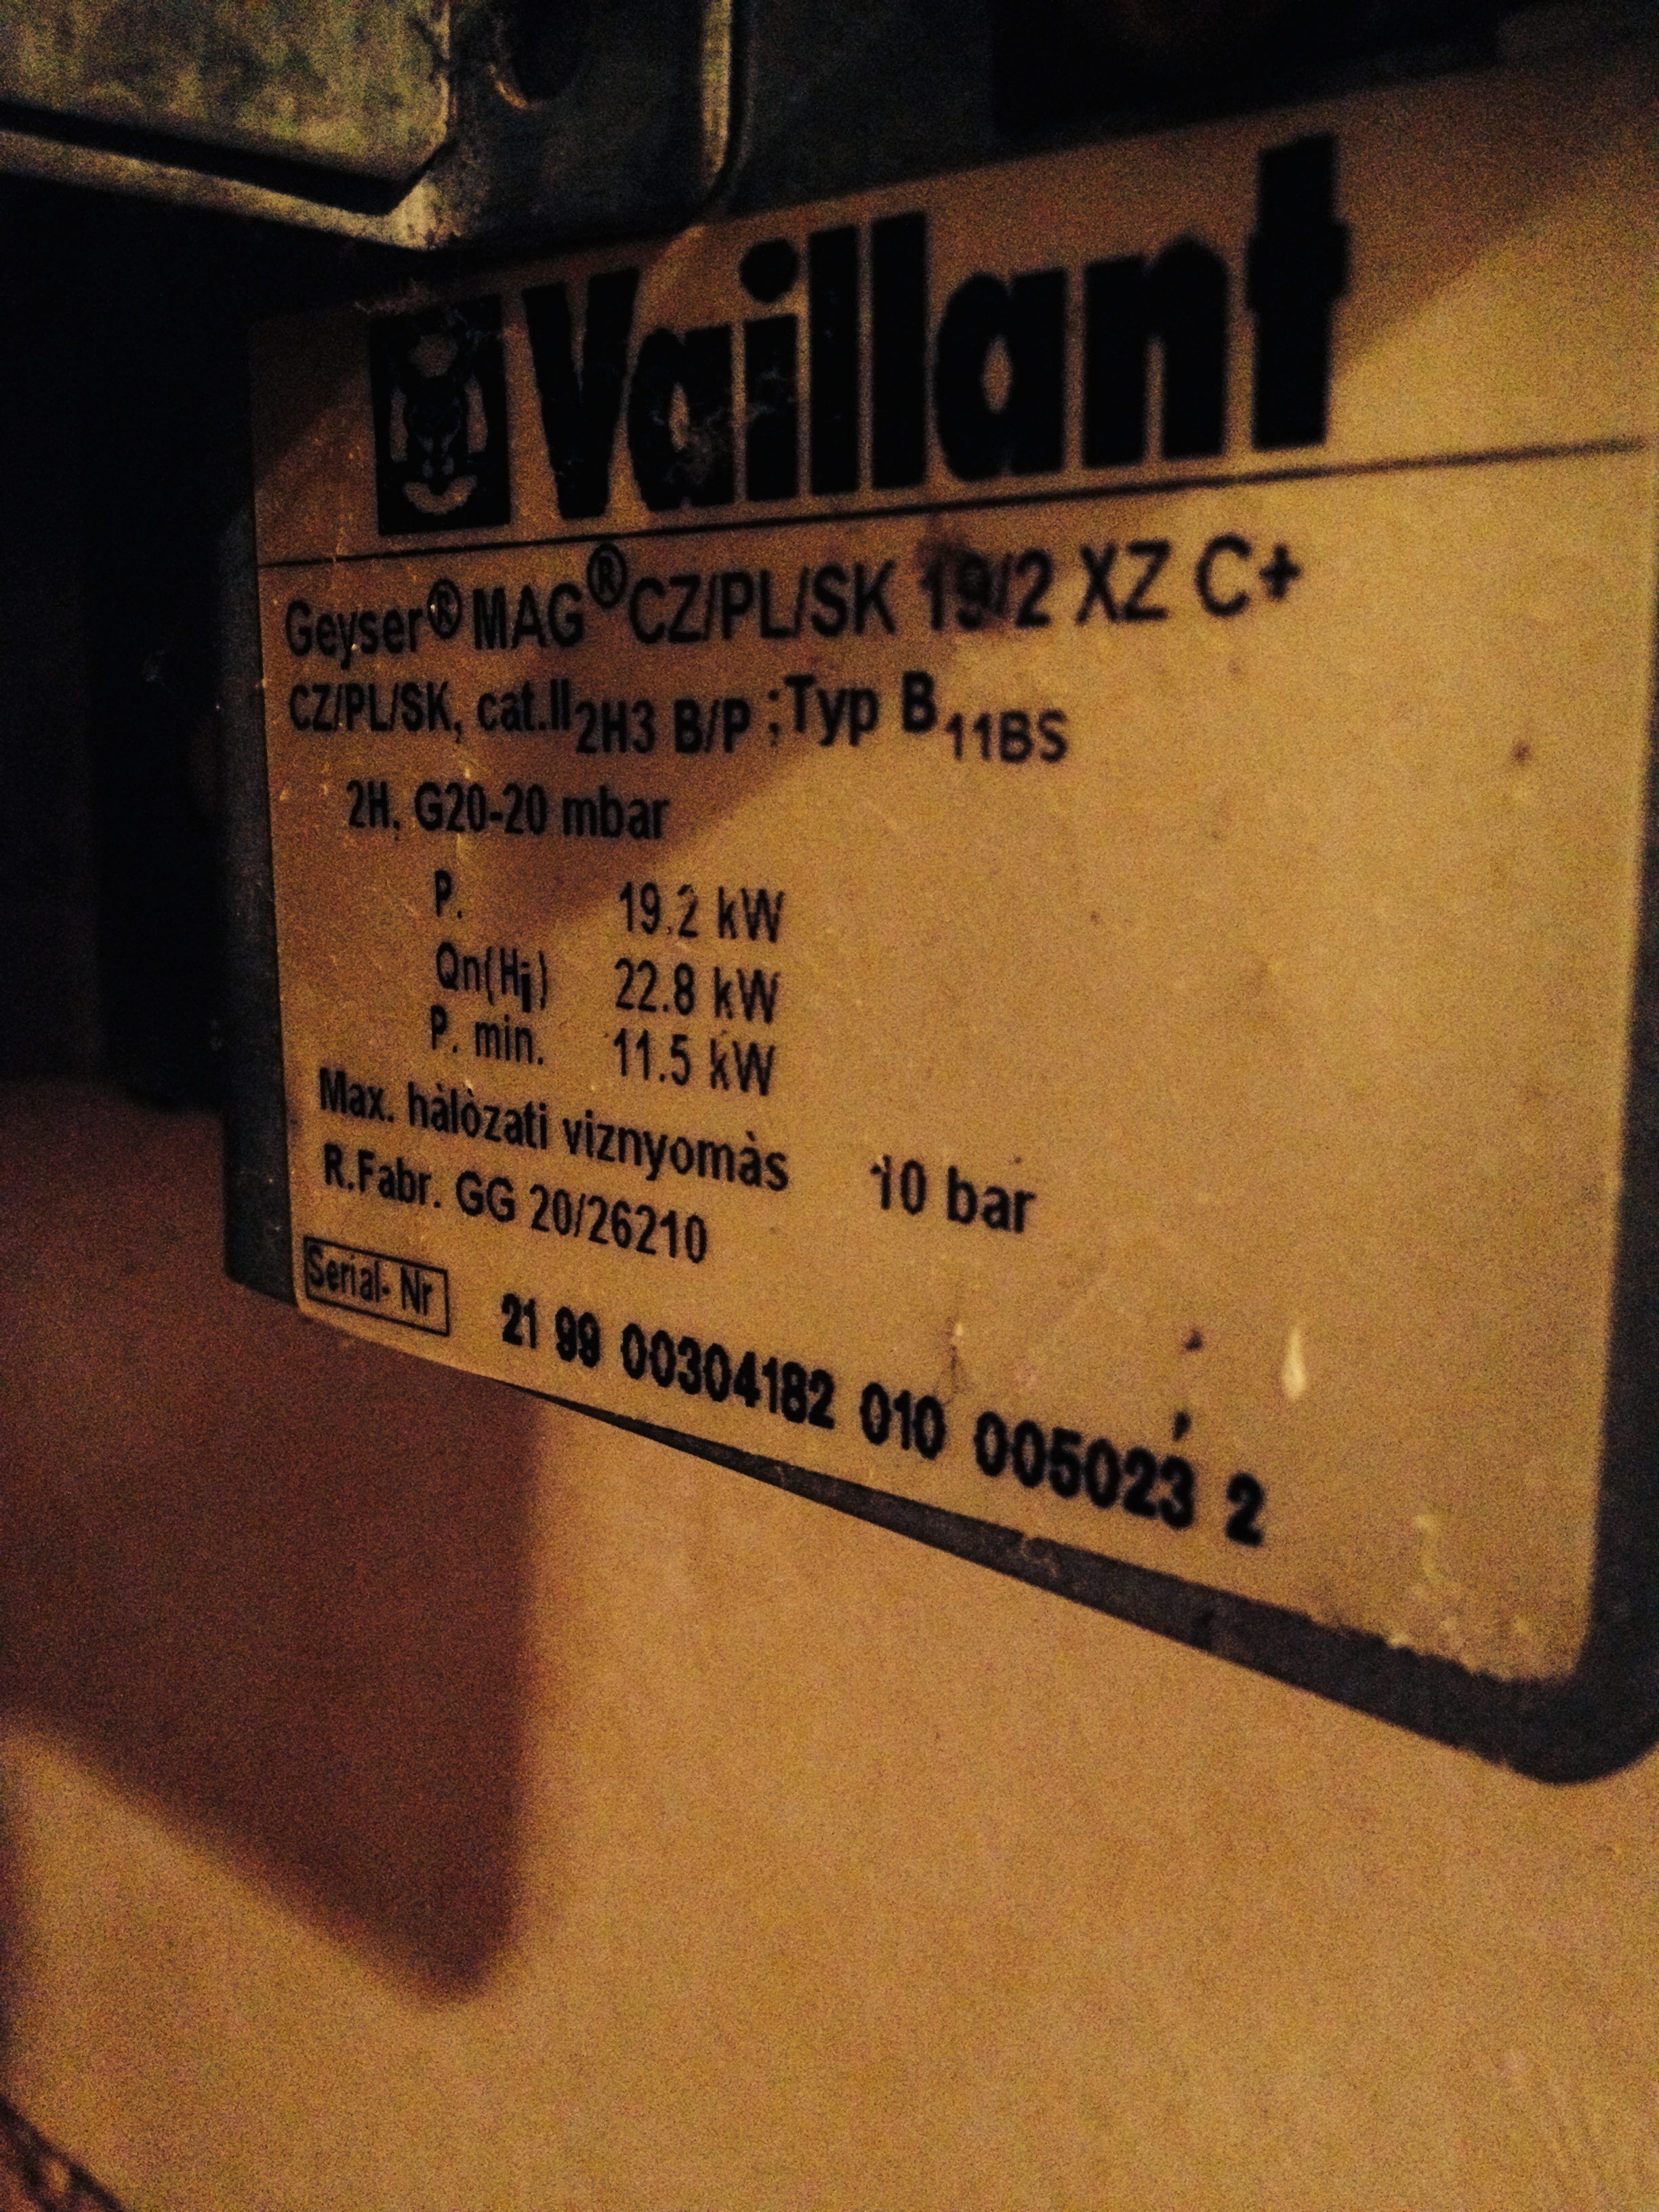 vaillant geyser mag 19 2 xz c palnik leje wod. Black Bedroom Furniture Sets. Home Design Ideas